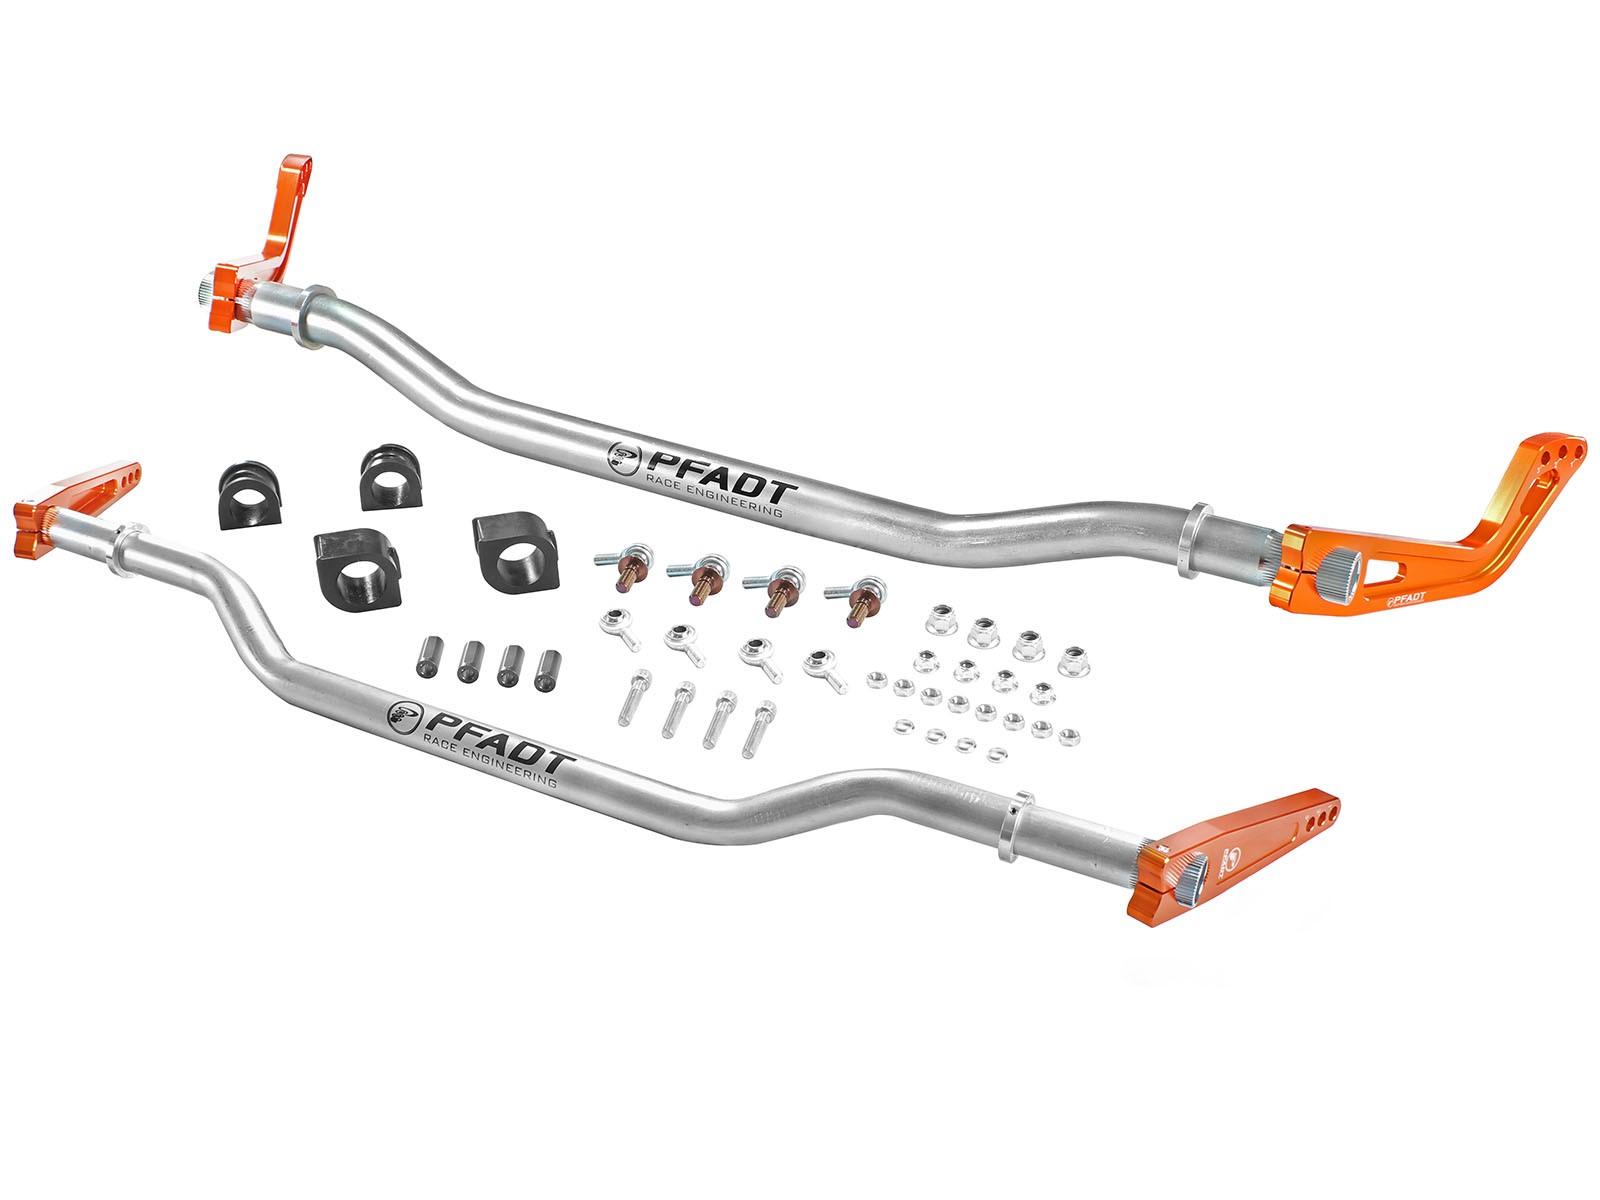 aFe POWER 440-401004-N aFe Control PFADT Series Racing Sway Bars